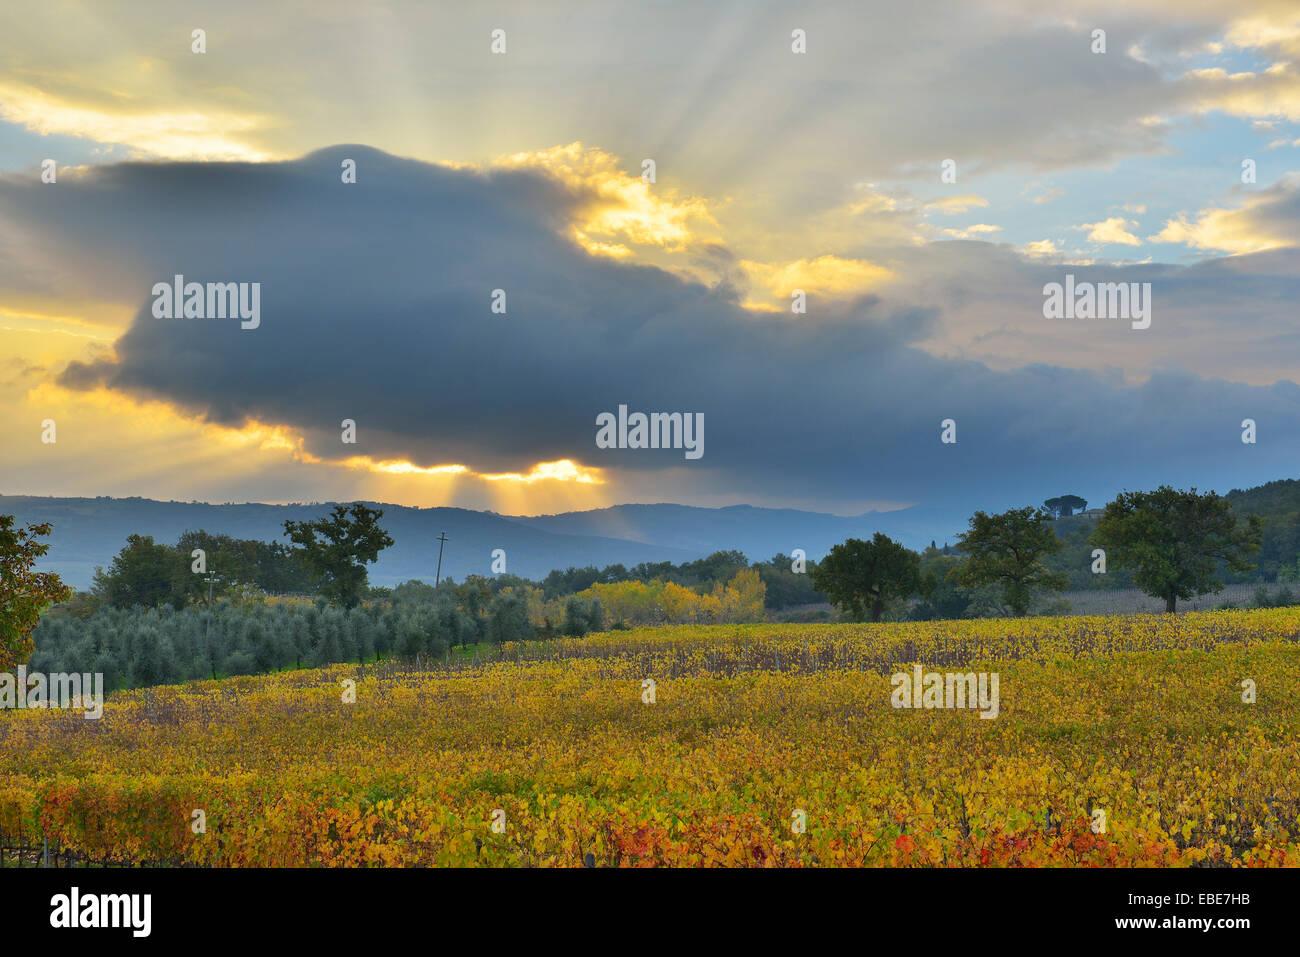 Paisaje con viñedos en otoño, Montalcino, provincia de Siena, Toscana, Italia Foto de stock